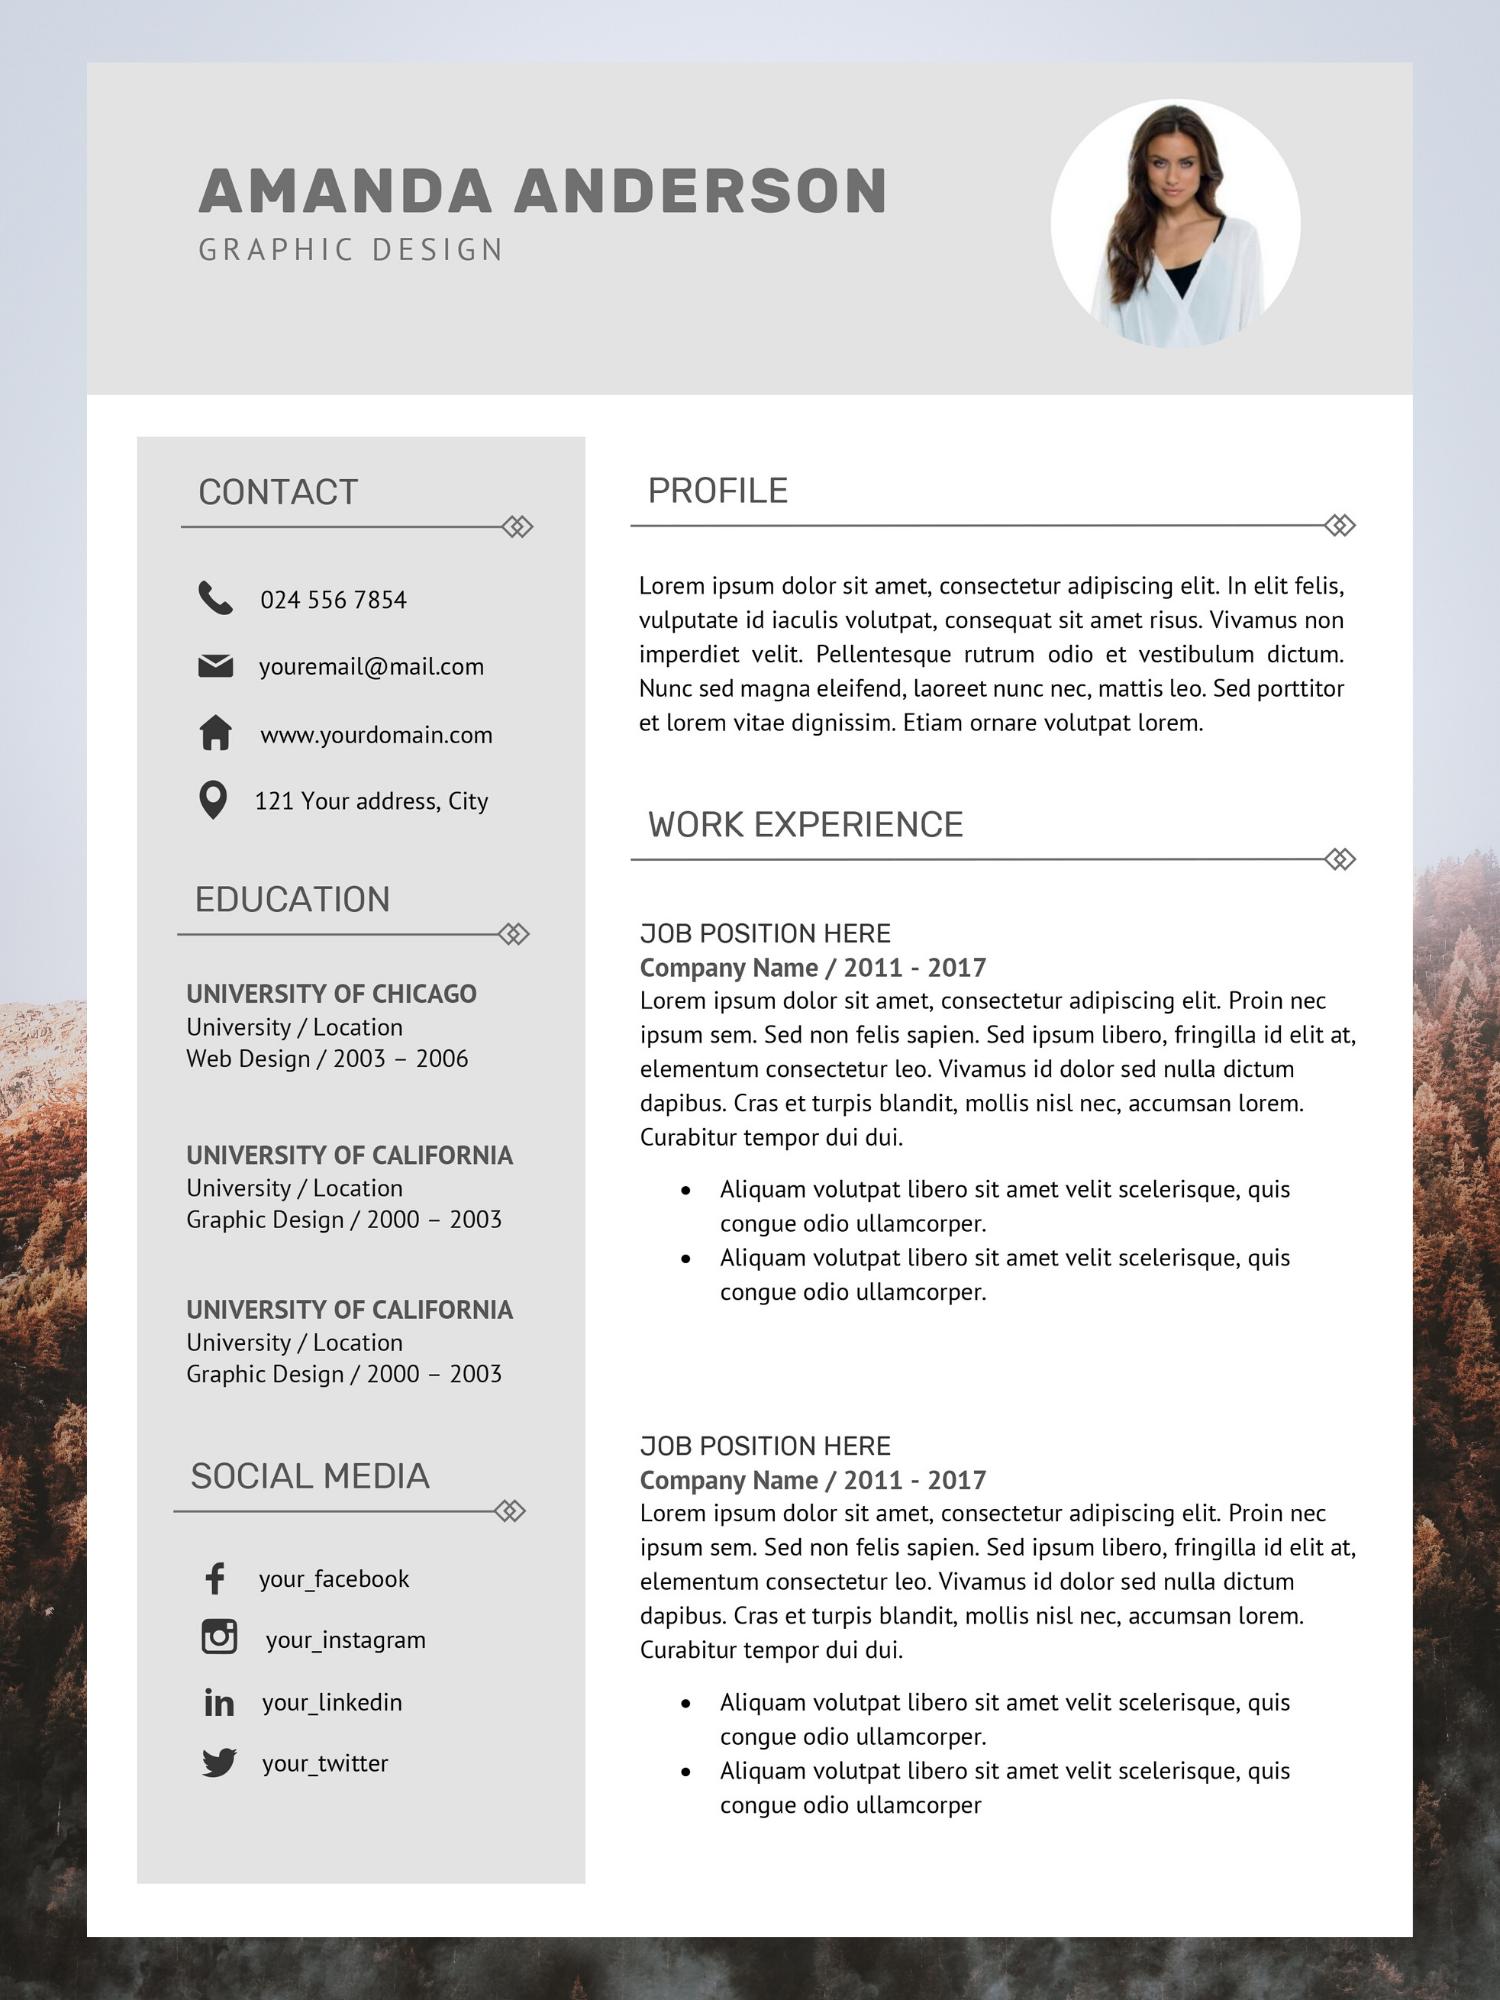 Resume CV Template + Cover Letter in 2020 Cv template